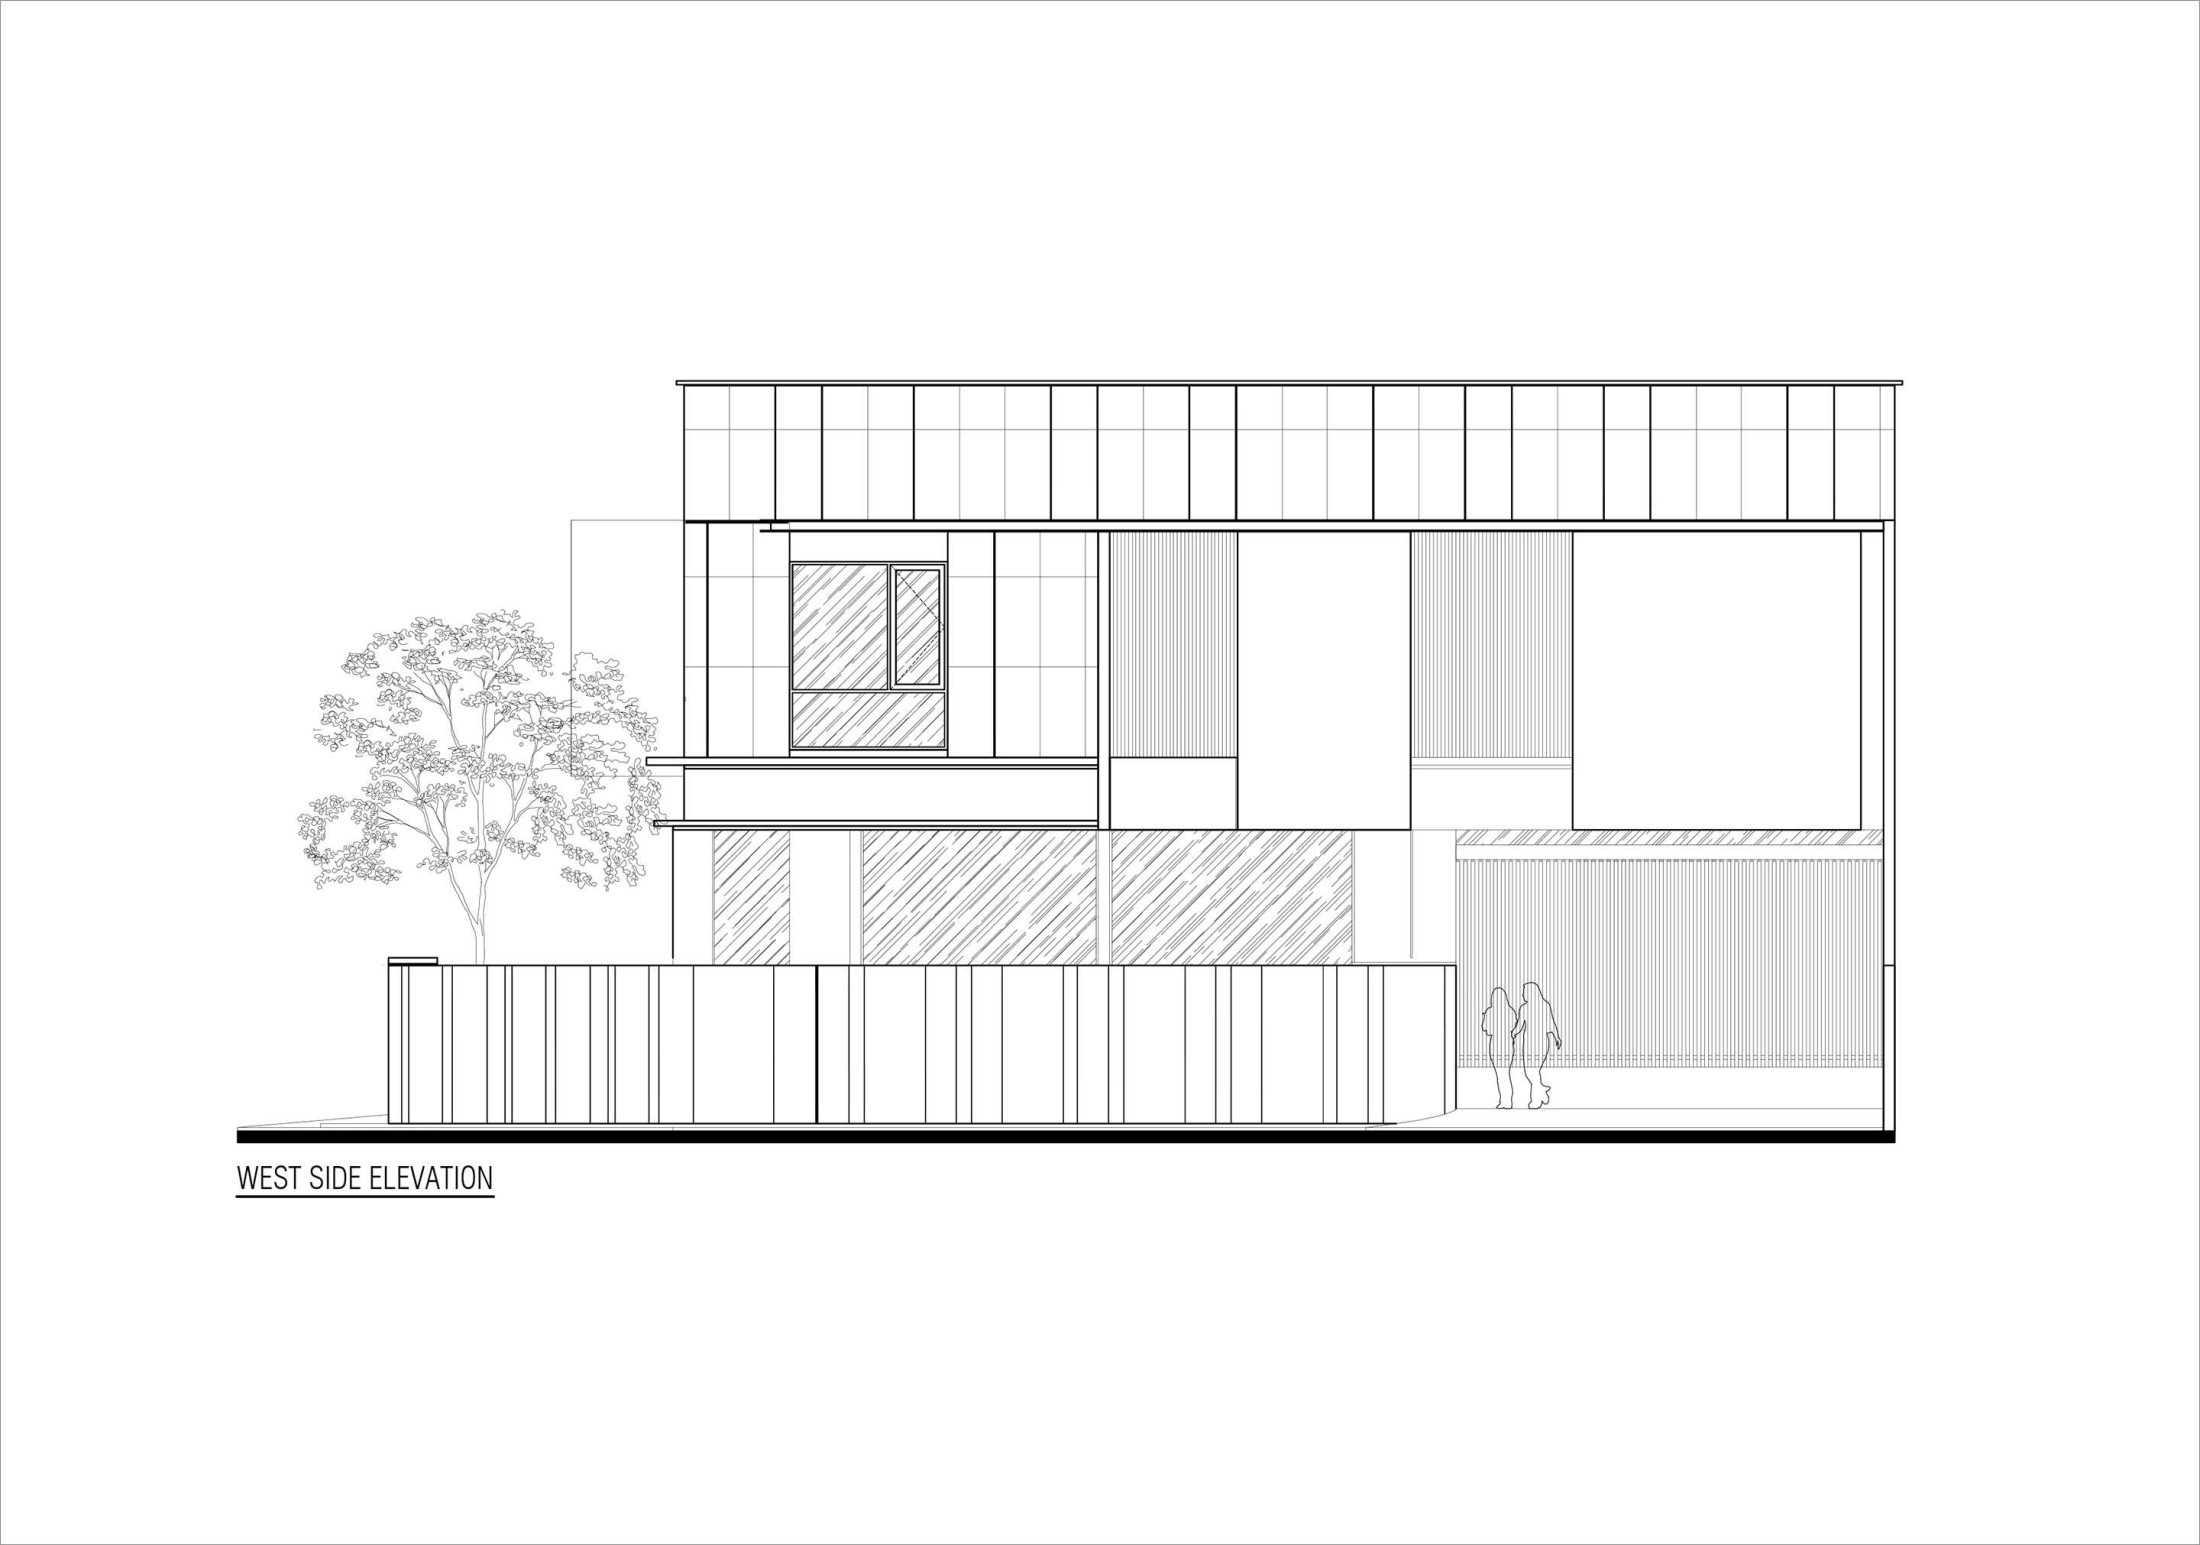 Y0 Design Architect J House Pd. Candra, Wadungasri, Kec. Waru, Kabupaten Sidoarjo, Jawa Timur, Indonesia Pd. Candra, Wadungasri, Kec. Waru, Kabupaten Sidoarjo, Jawa Timur, Indonesia Yohanes-Iswara-Limandjaya-J-House  121002